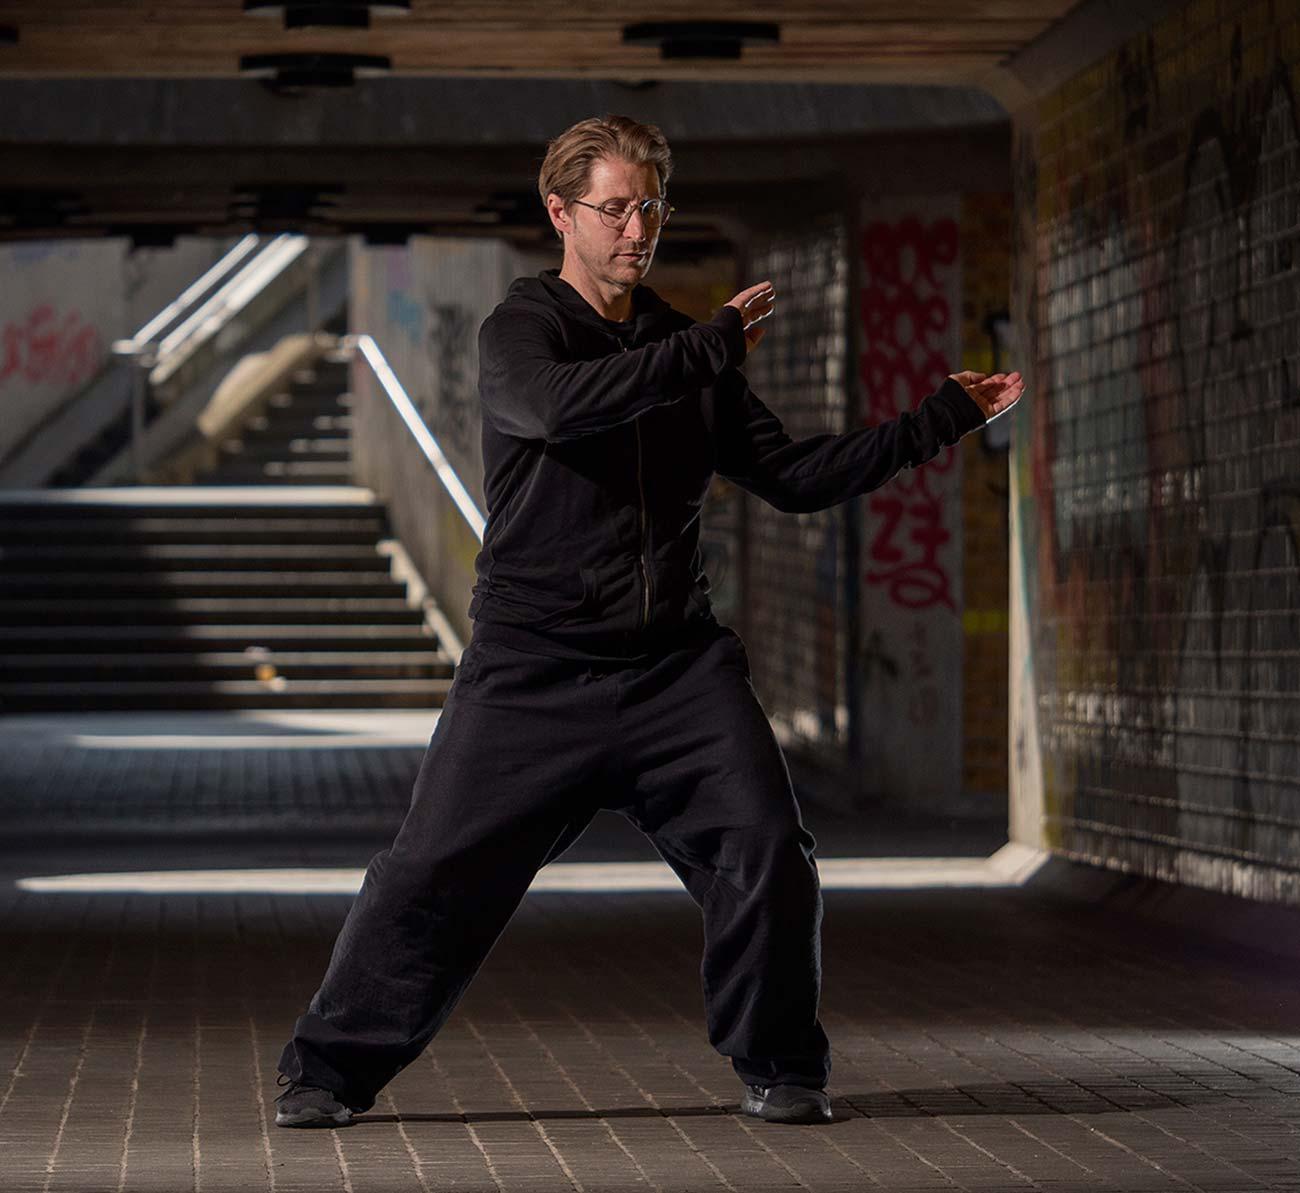 Bild –Toby O. Rink beim Taiji üben in einer Unterführung. An den Wänden Graffitis.